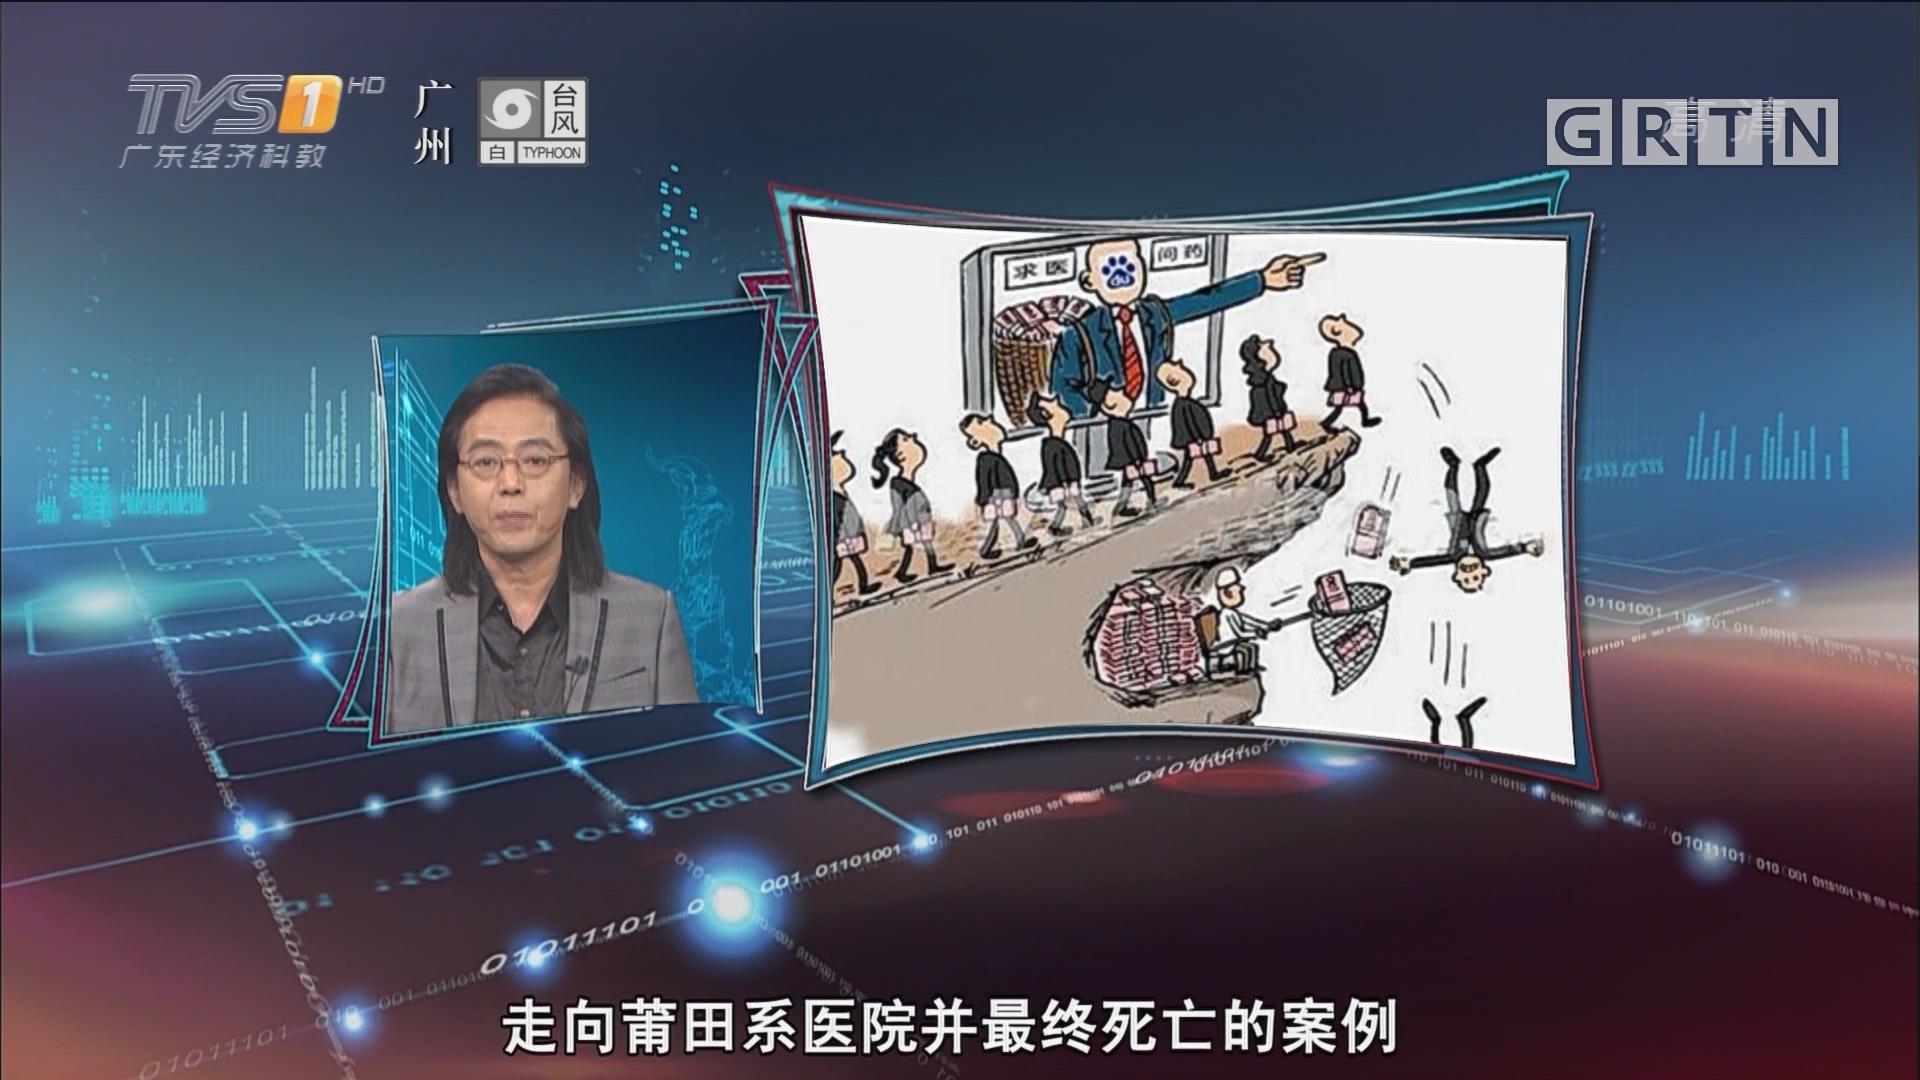 [HD][2018-09-11]马后炮:竞价排名争议再现 警惕魏则西悲剧重演